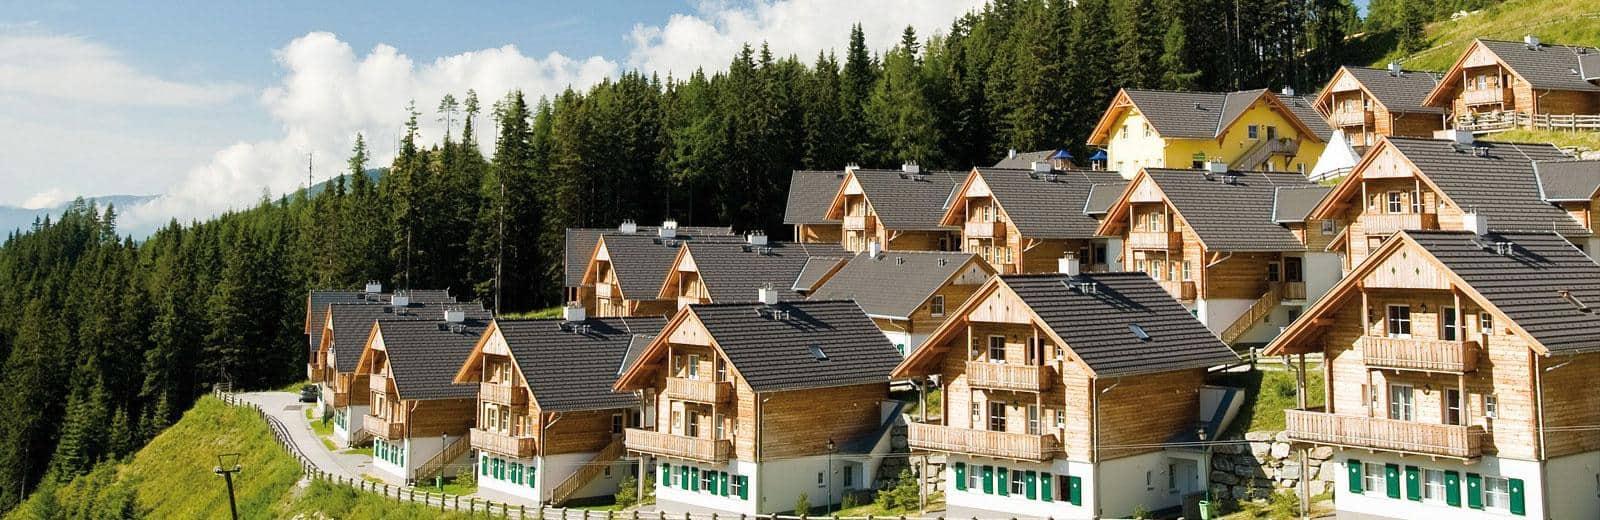 Landal Katschberg in Katschberghöhe, Oostenrijk